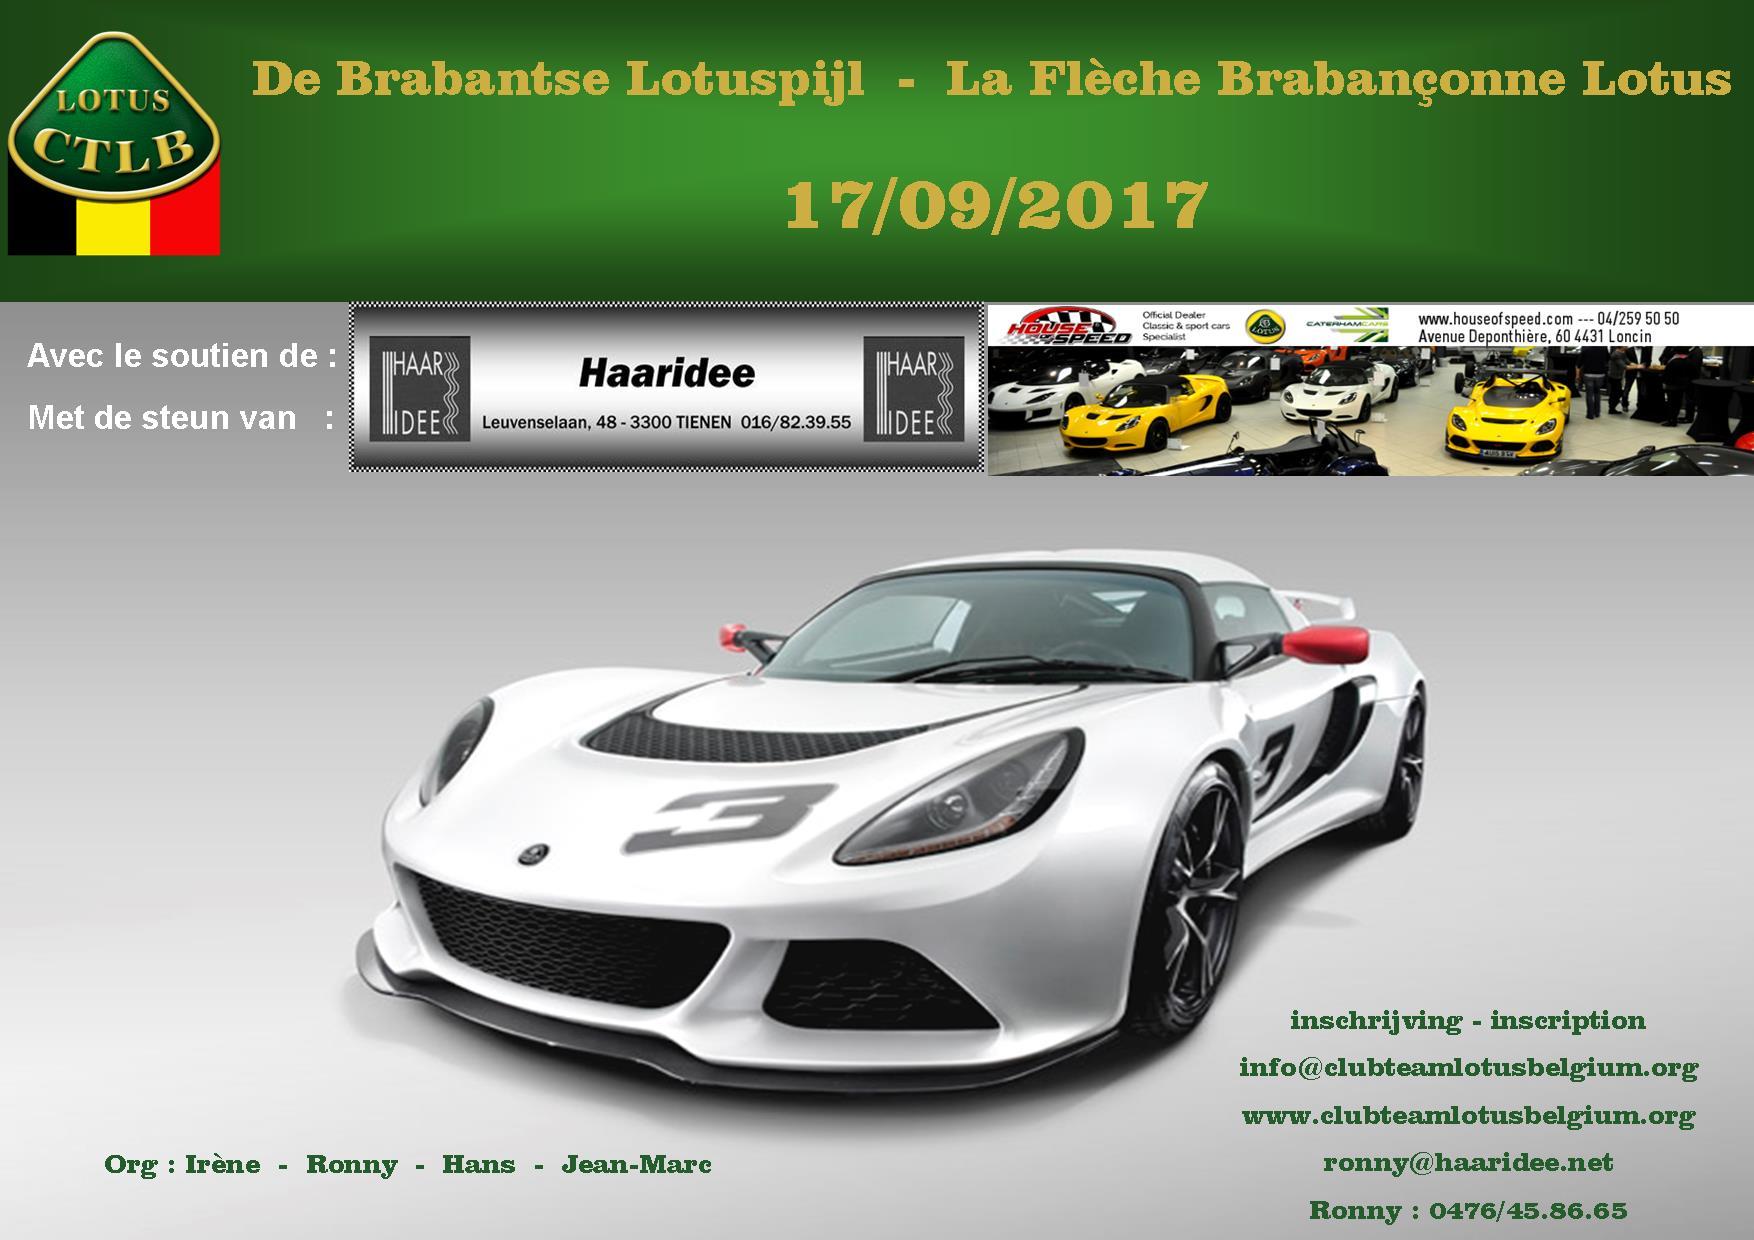 Lotus brabant 2017